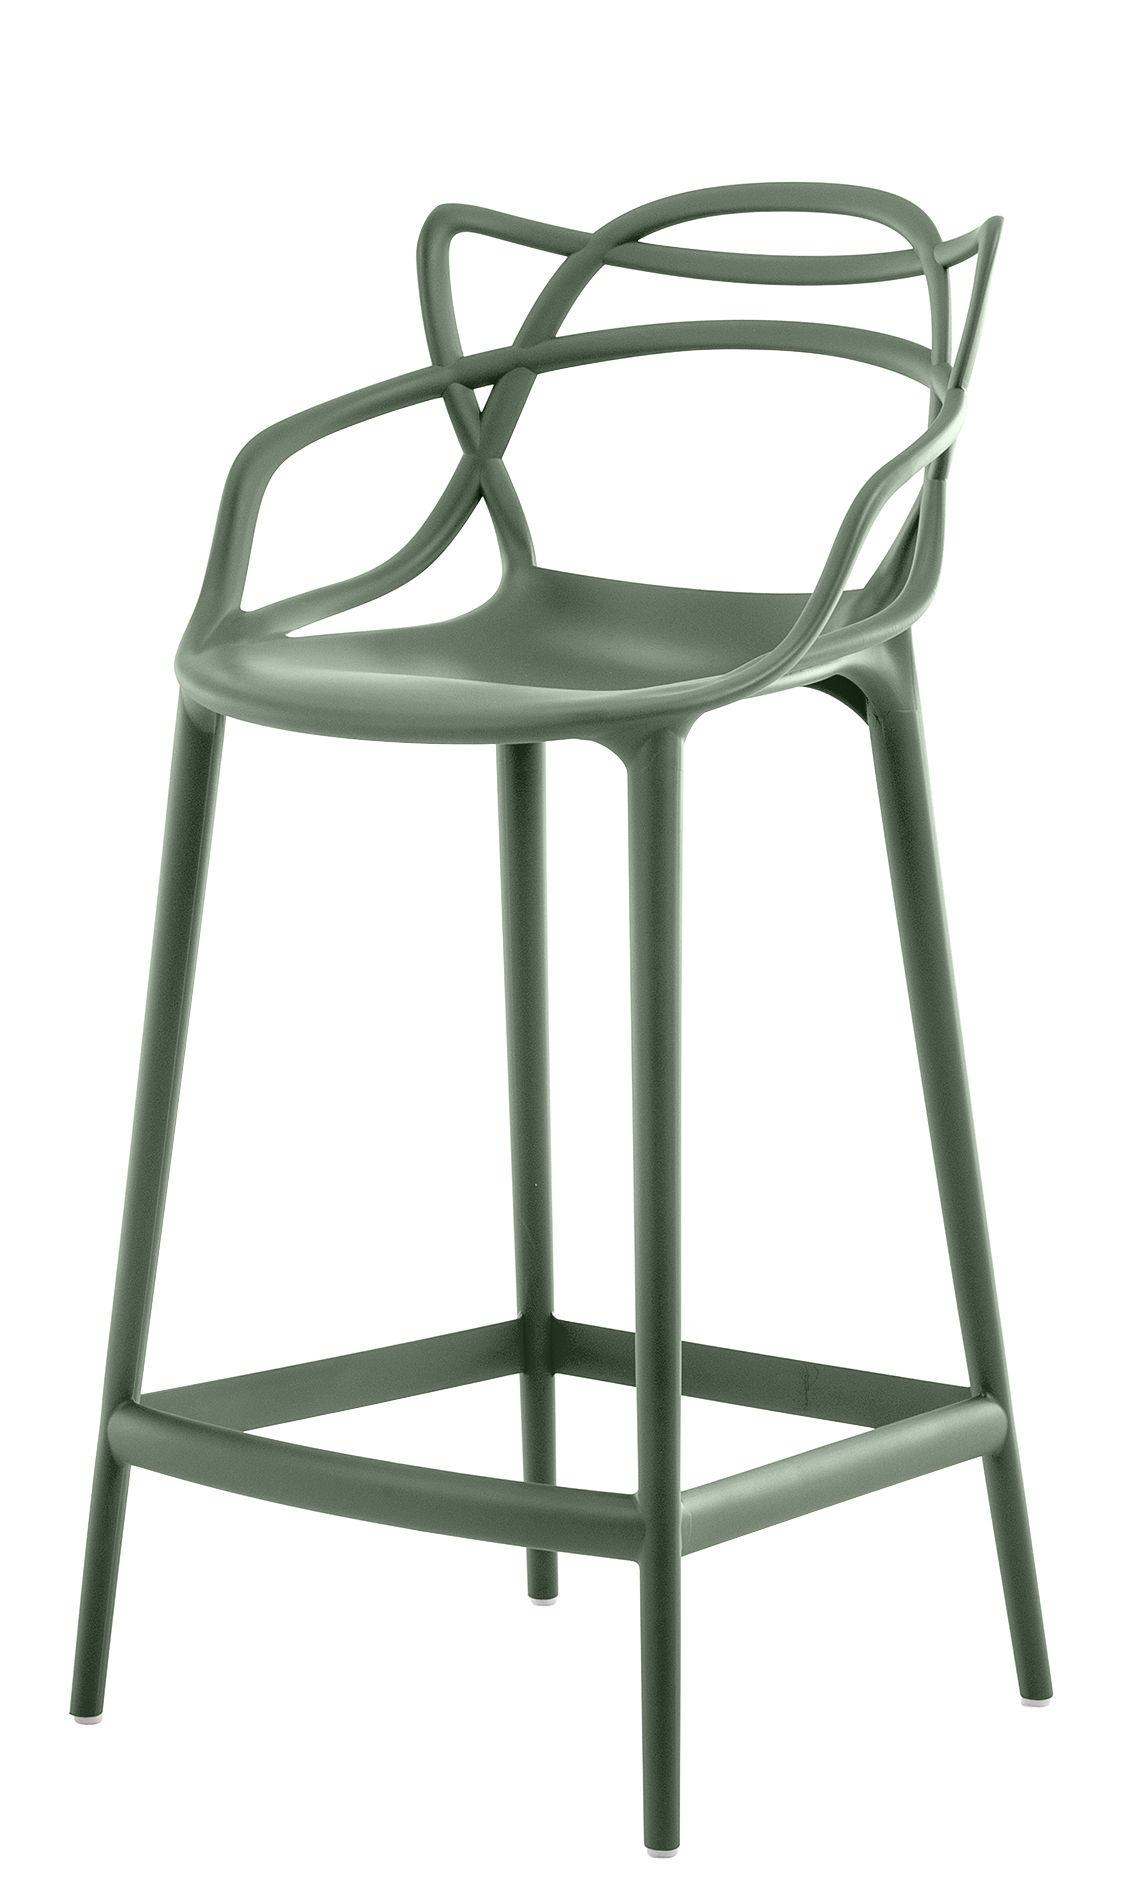 Chaise de bar masters h 65 cm polypropyl ne vert sauge kartell - Fauteuil haut de bar ...